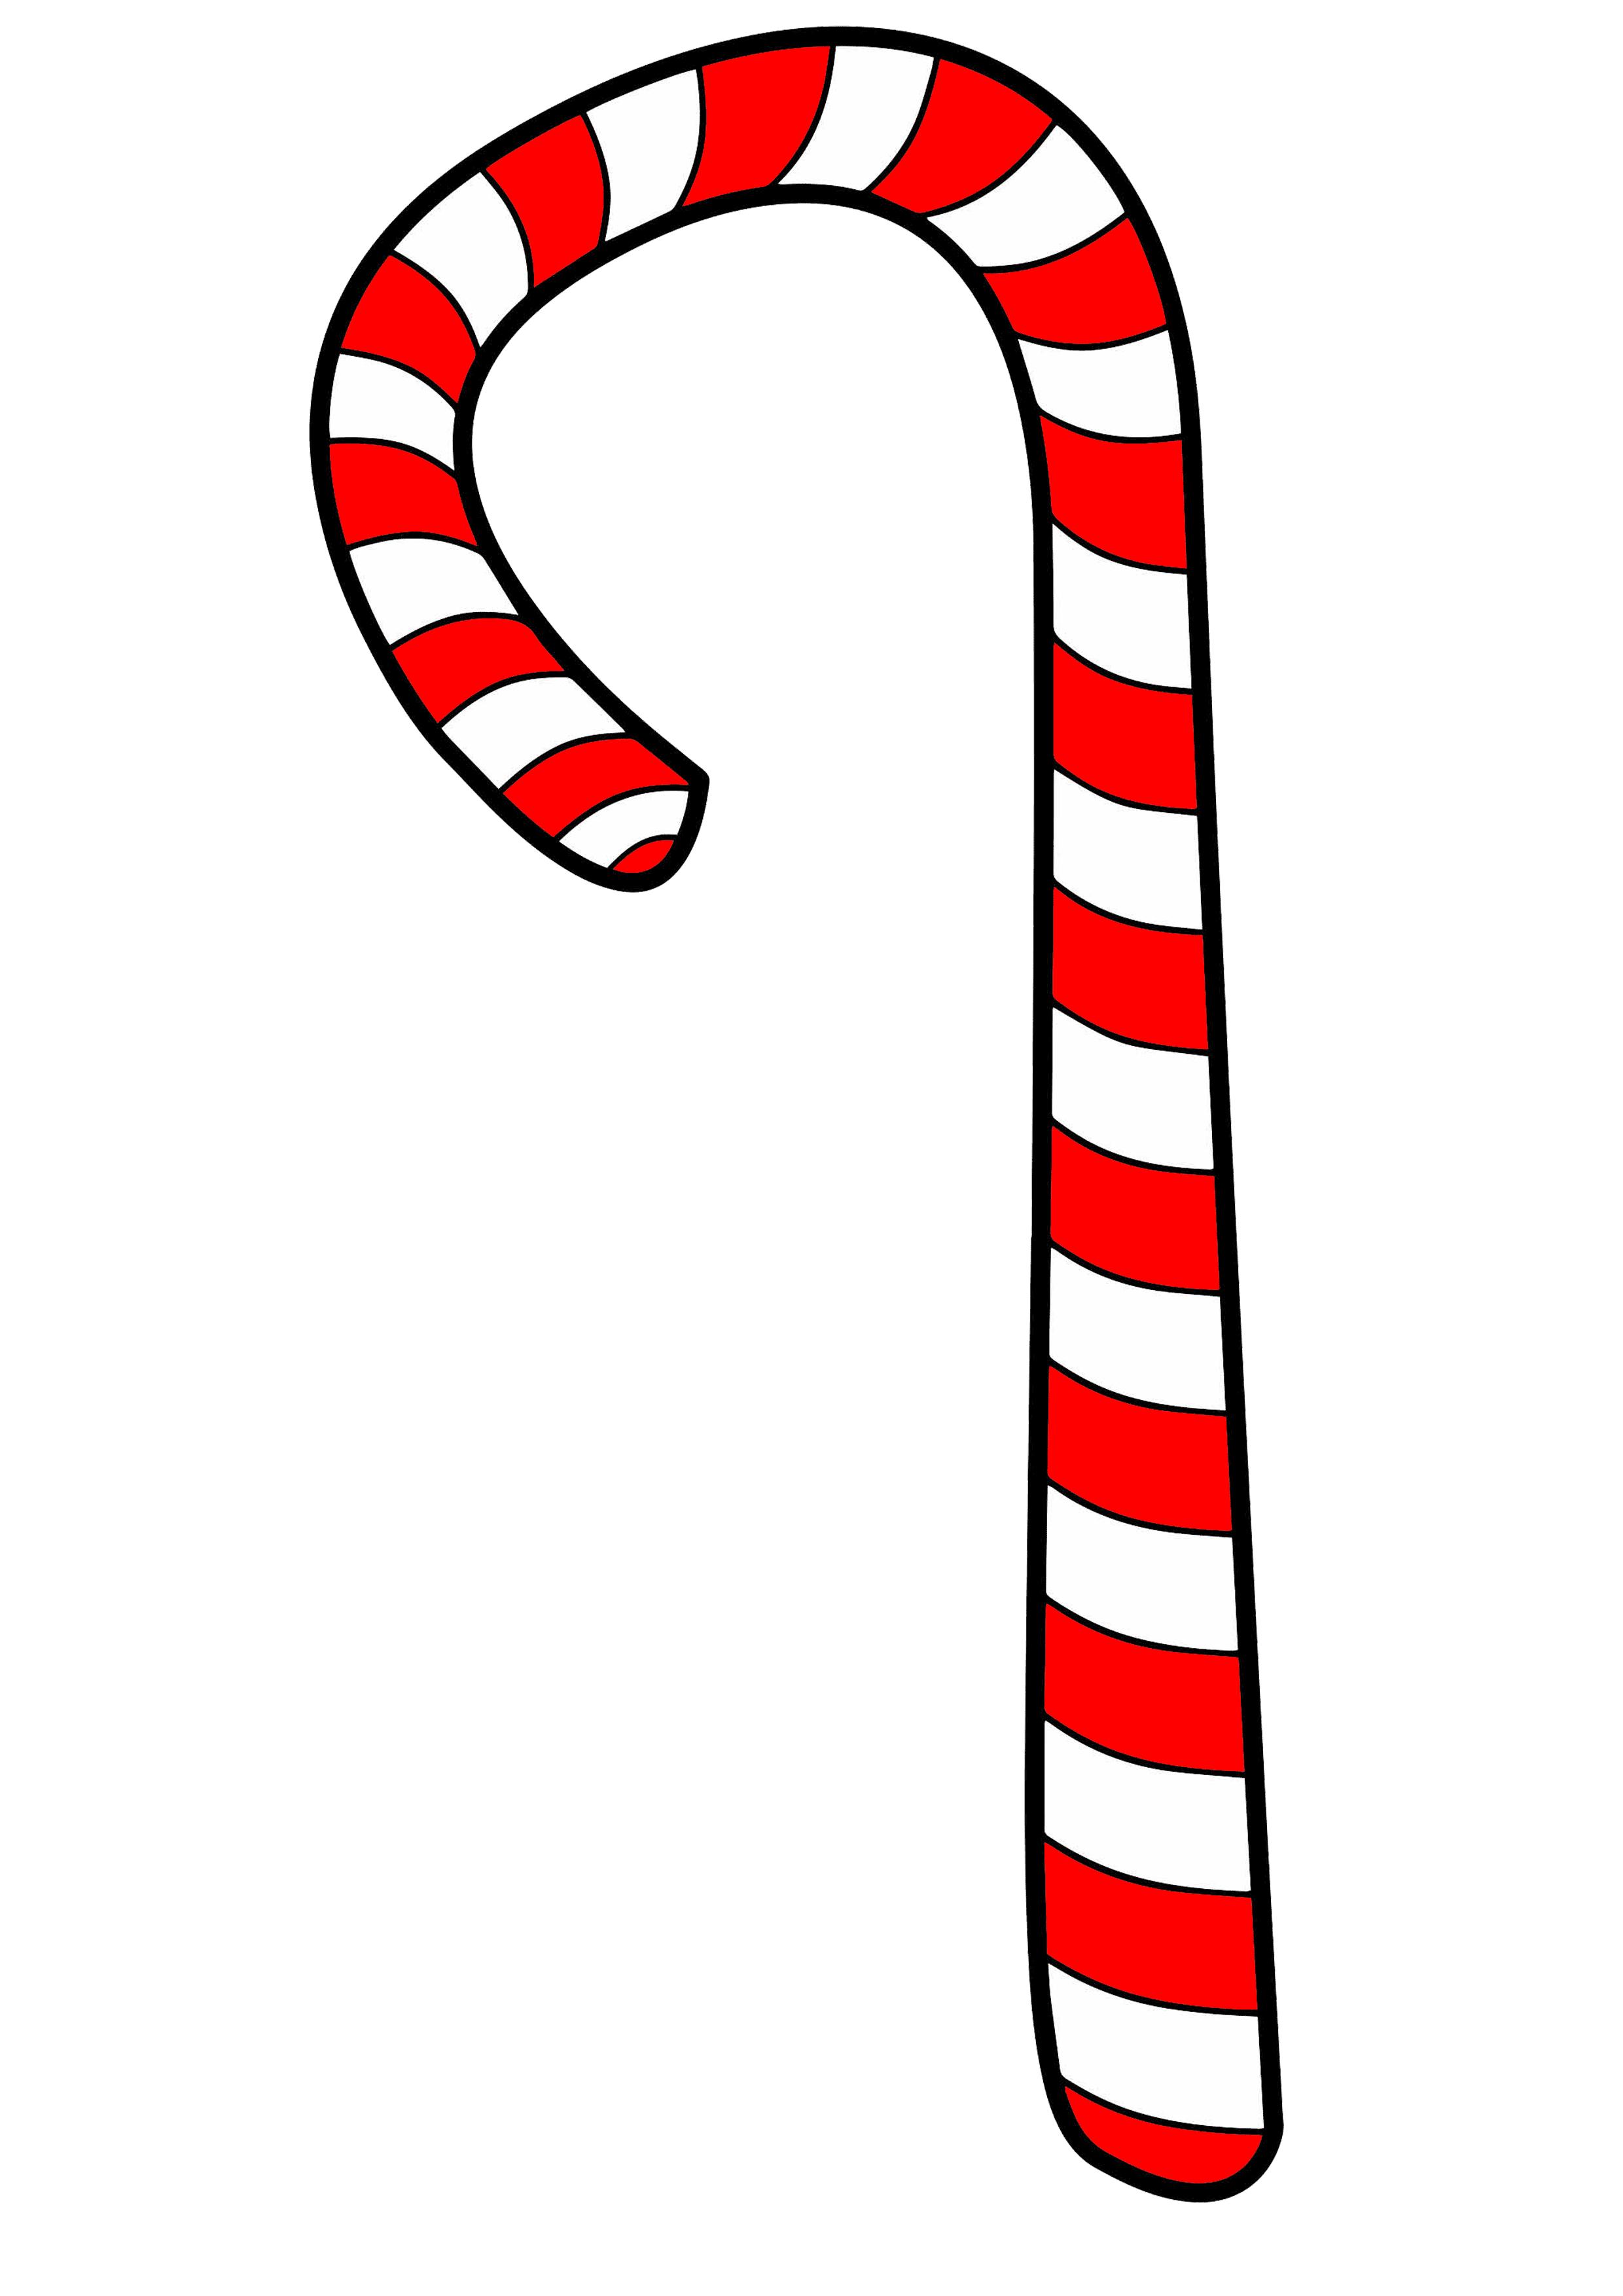 Schön Weihnachten Zuckerstange Malvorlagen Fotos - Druckbare ...